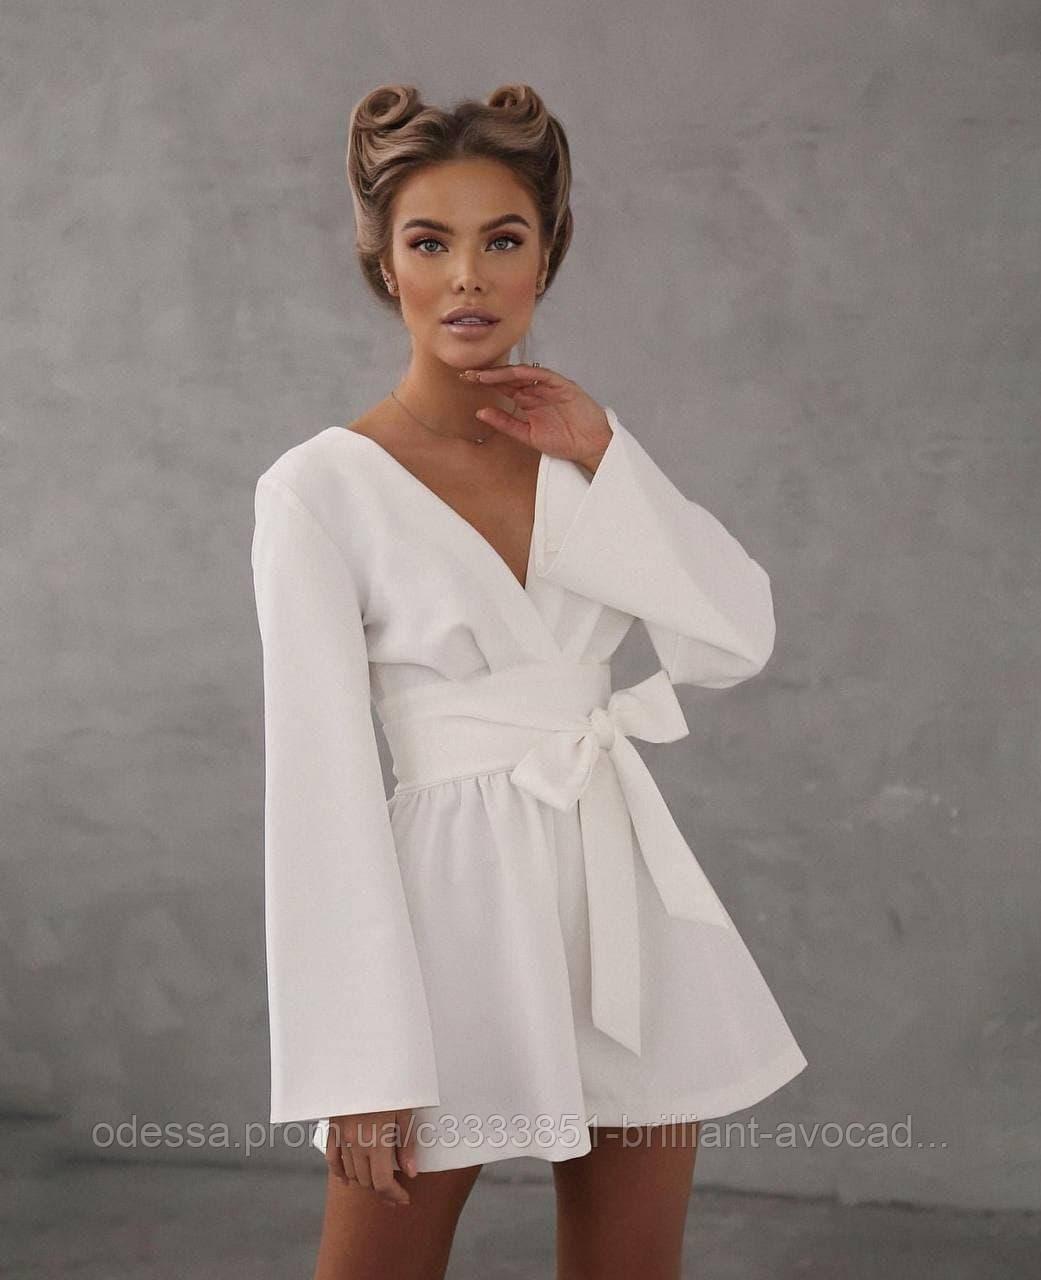 Женский модный летний нарядный комбинезон с шортами